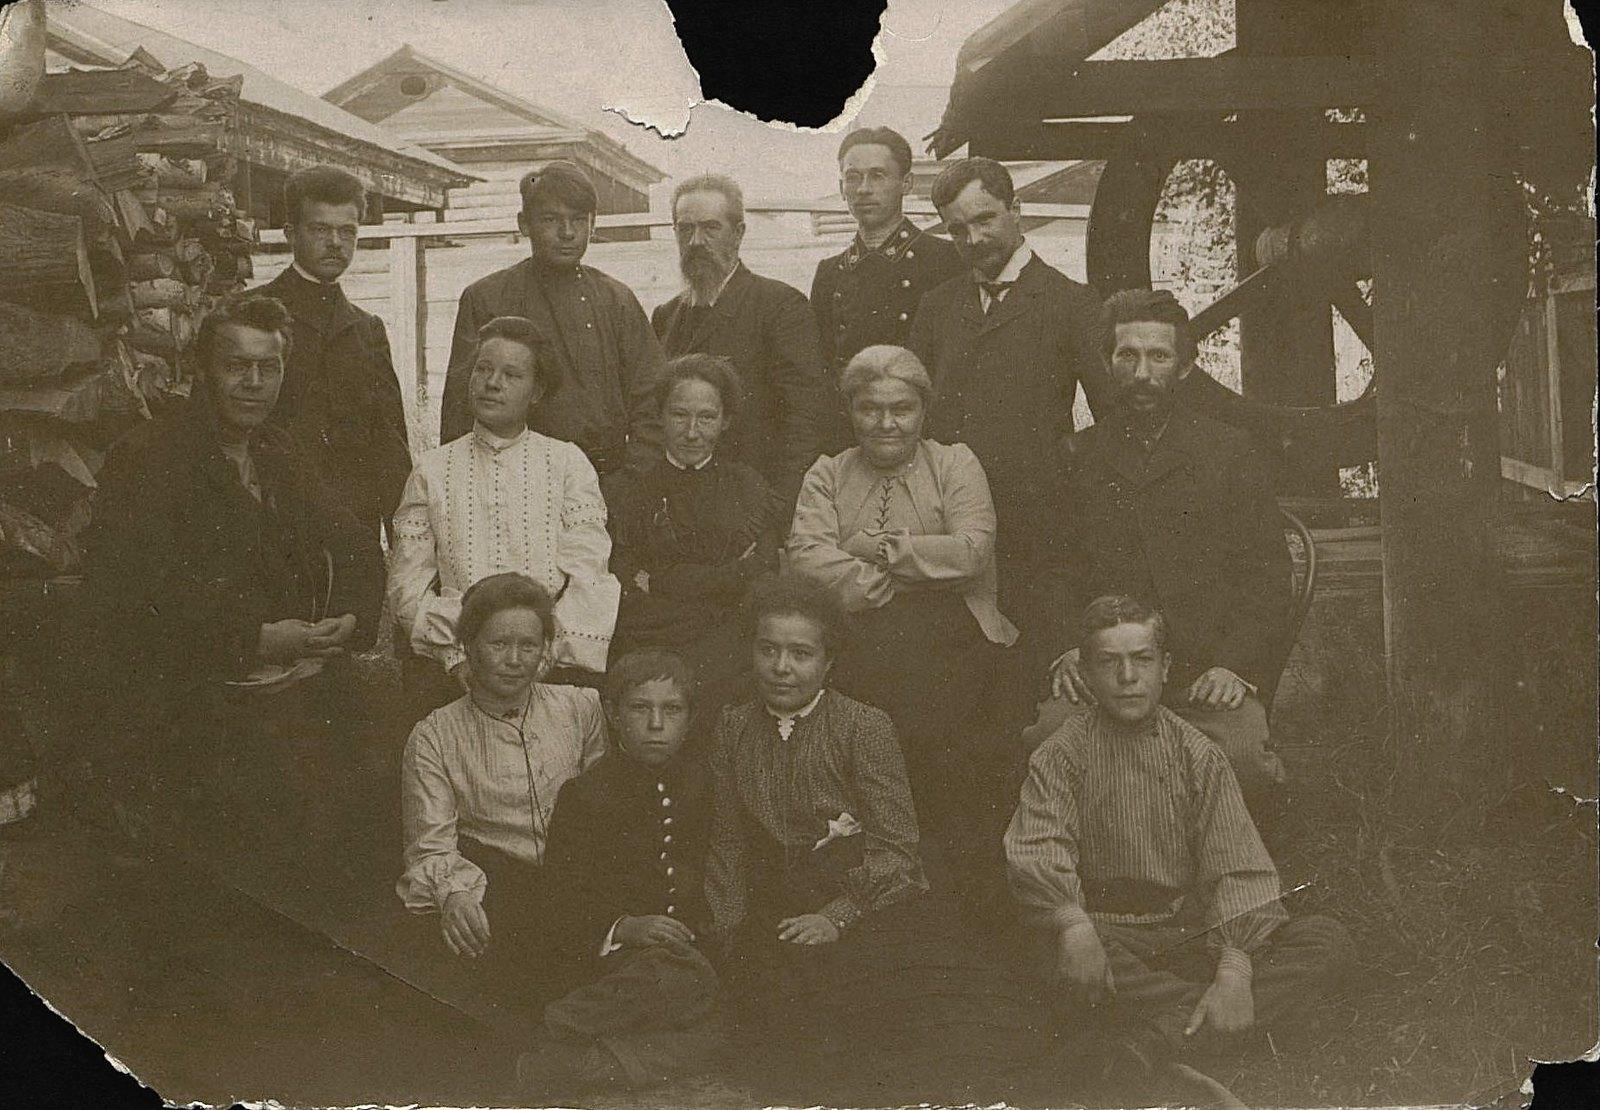 17.Представители передовой иркутской интеллигенции, группировавшиеся вокруг площадки, где велось бесплатное обучение детей. 1904-1905.1